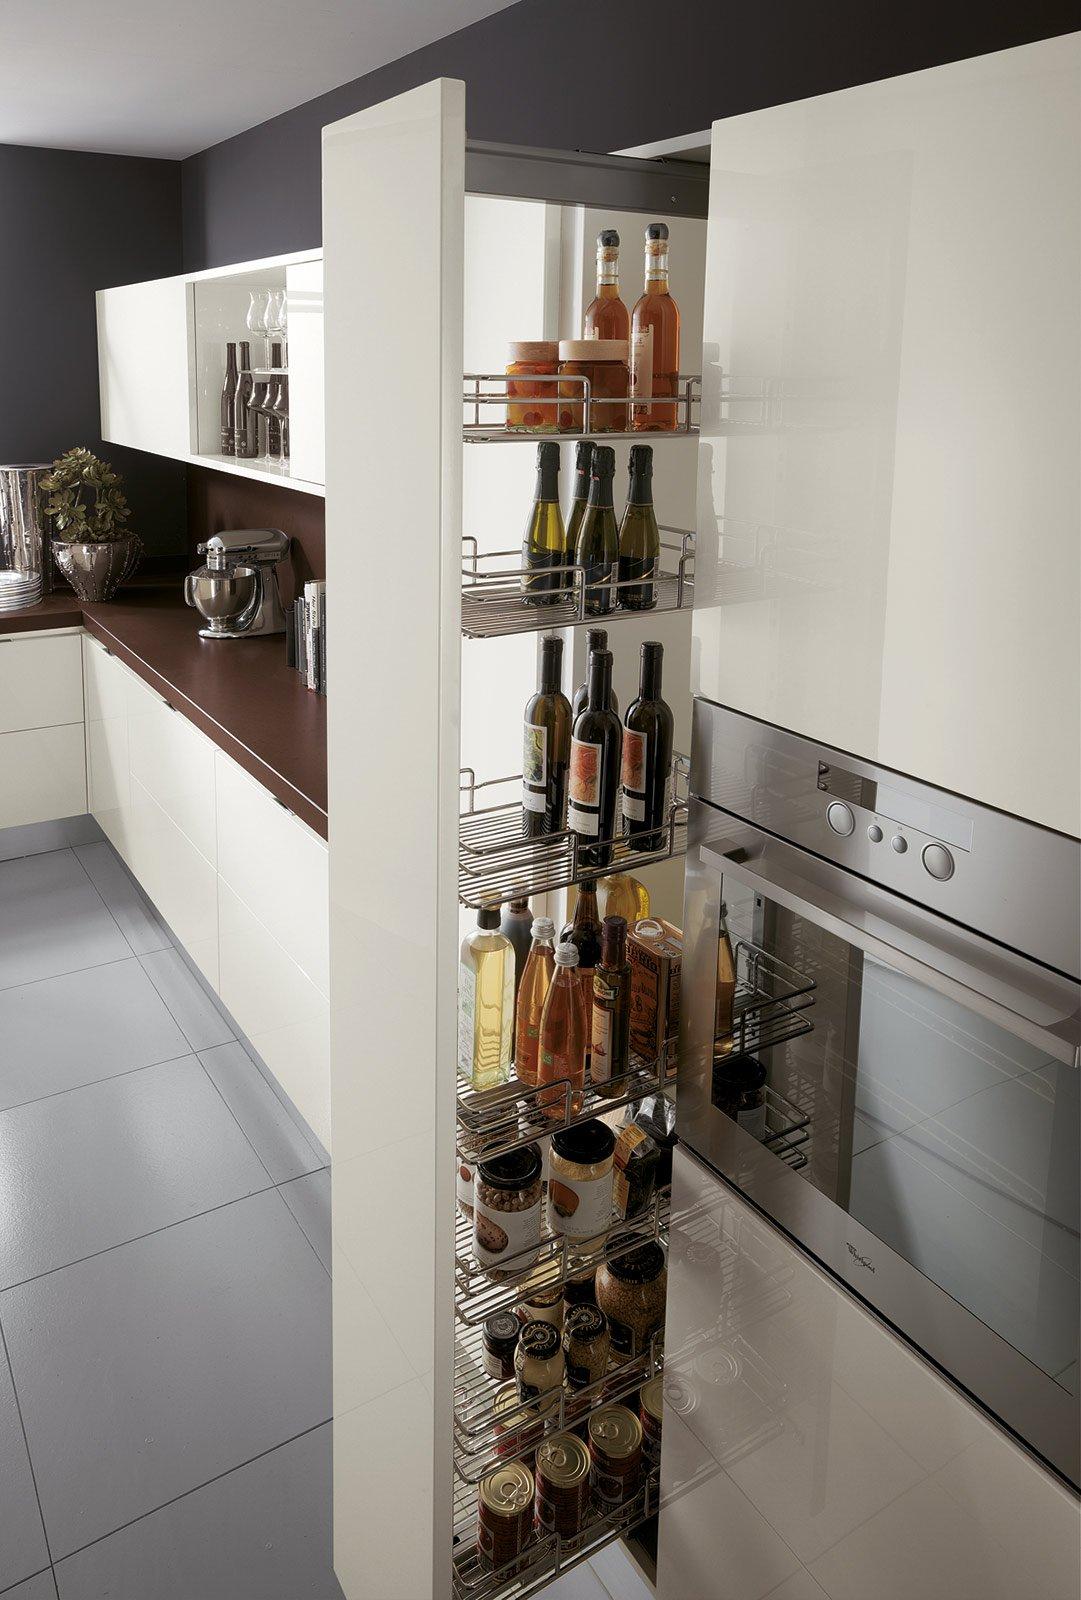 Colonna Dispensa Cucina Ikea cucina: che moduli scelgo per la dispensa - cose di casa